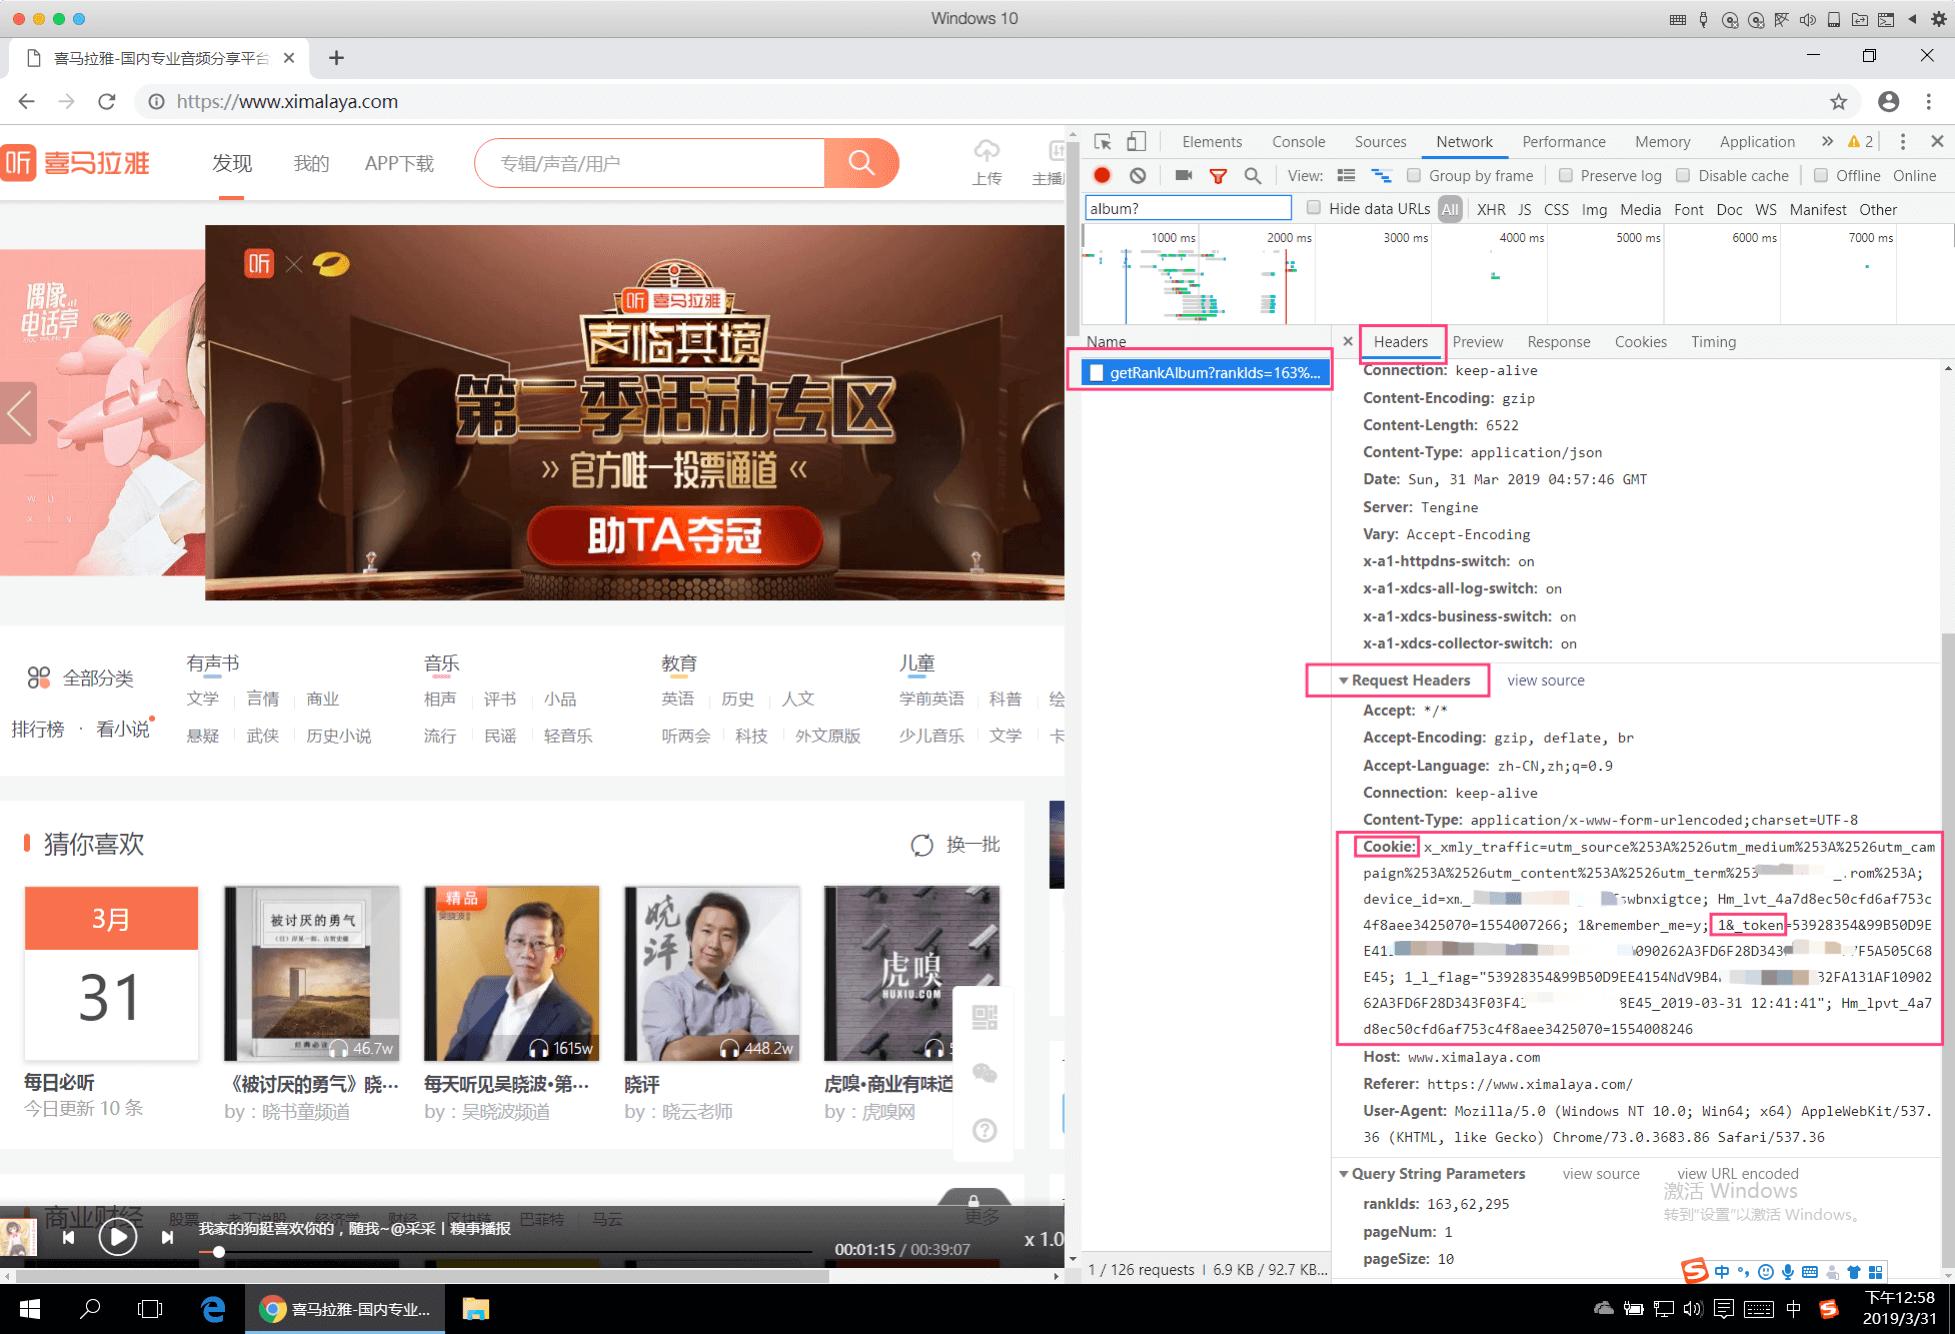 喜马拉雅 FM 已购付费VIP音频批量下载